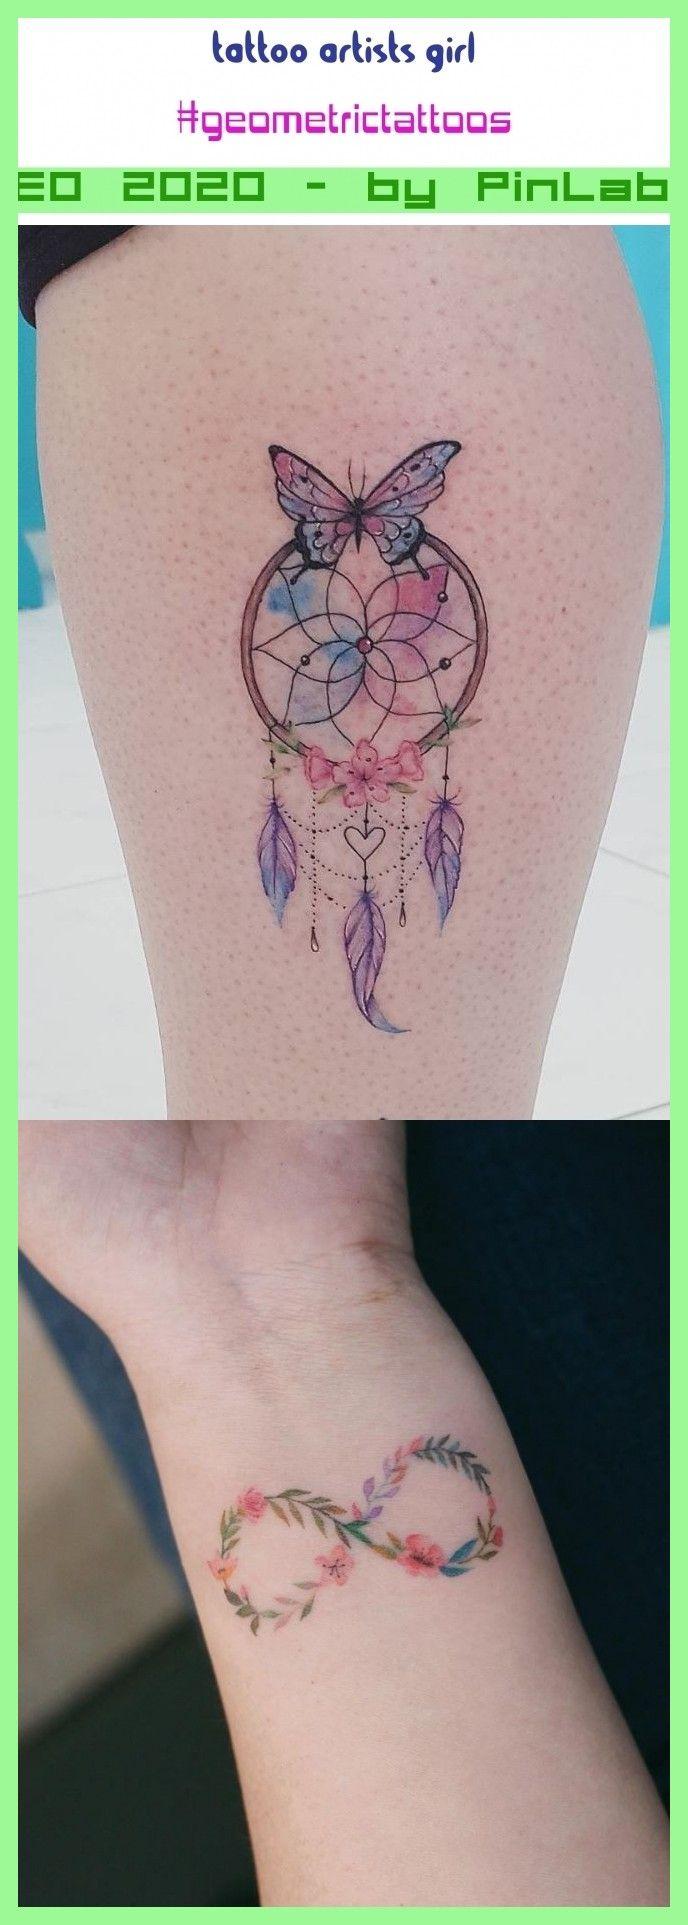 Tattoo artists girl . tattoo artists female, tattoo artists aesthetic, tattoo artists at work, tattoo